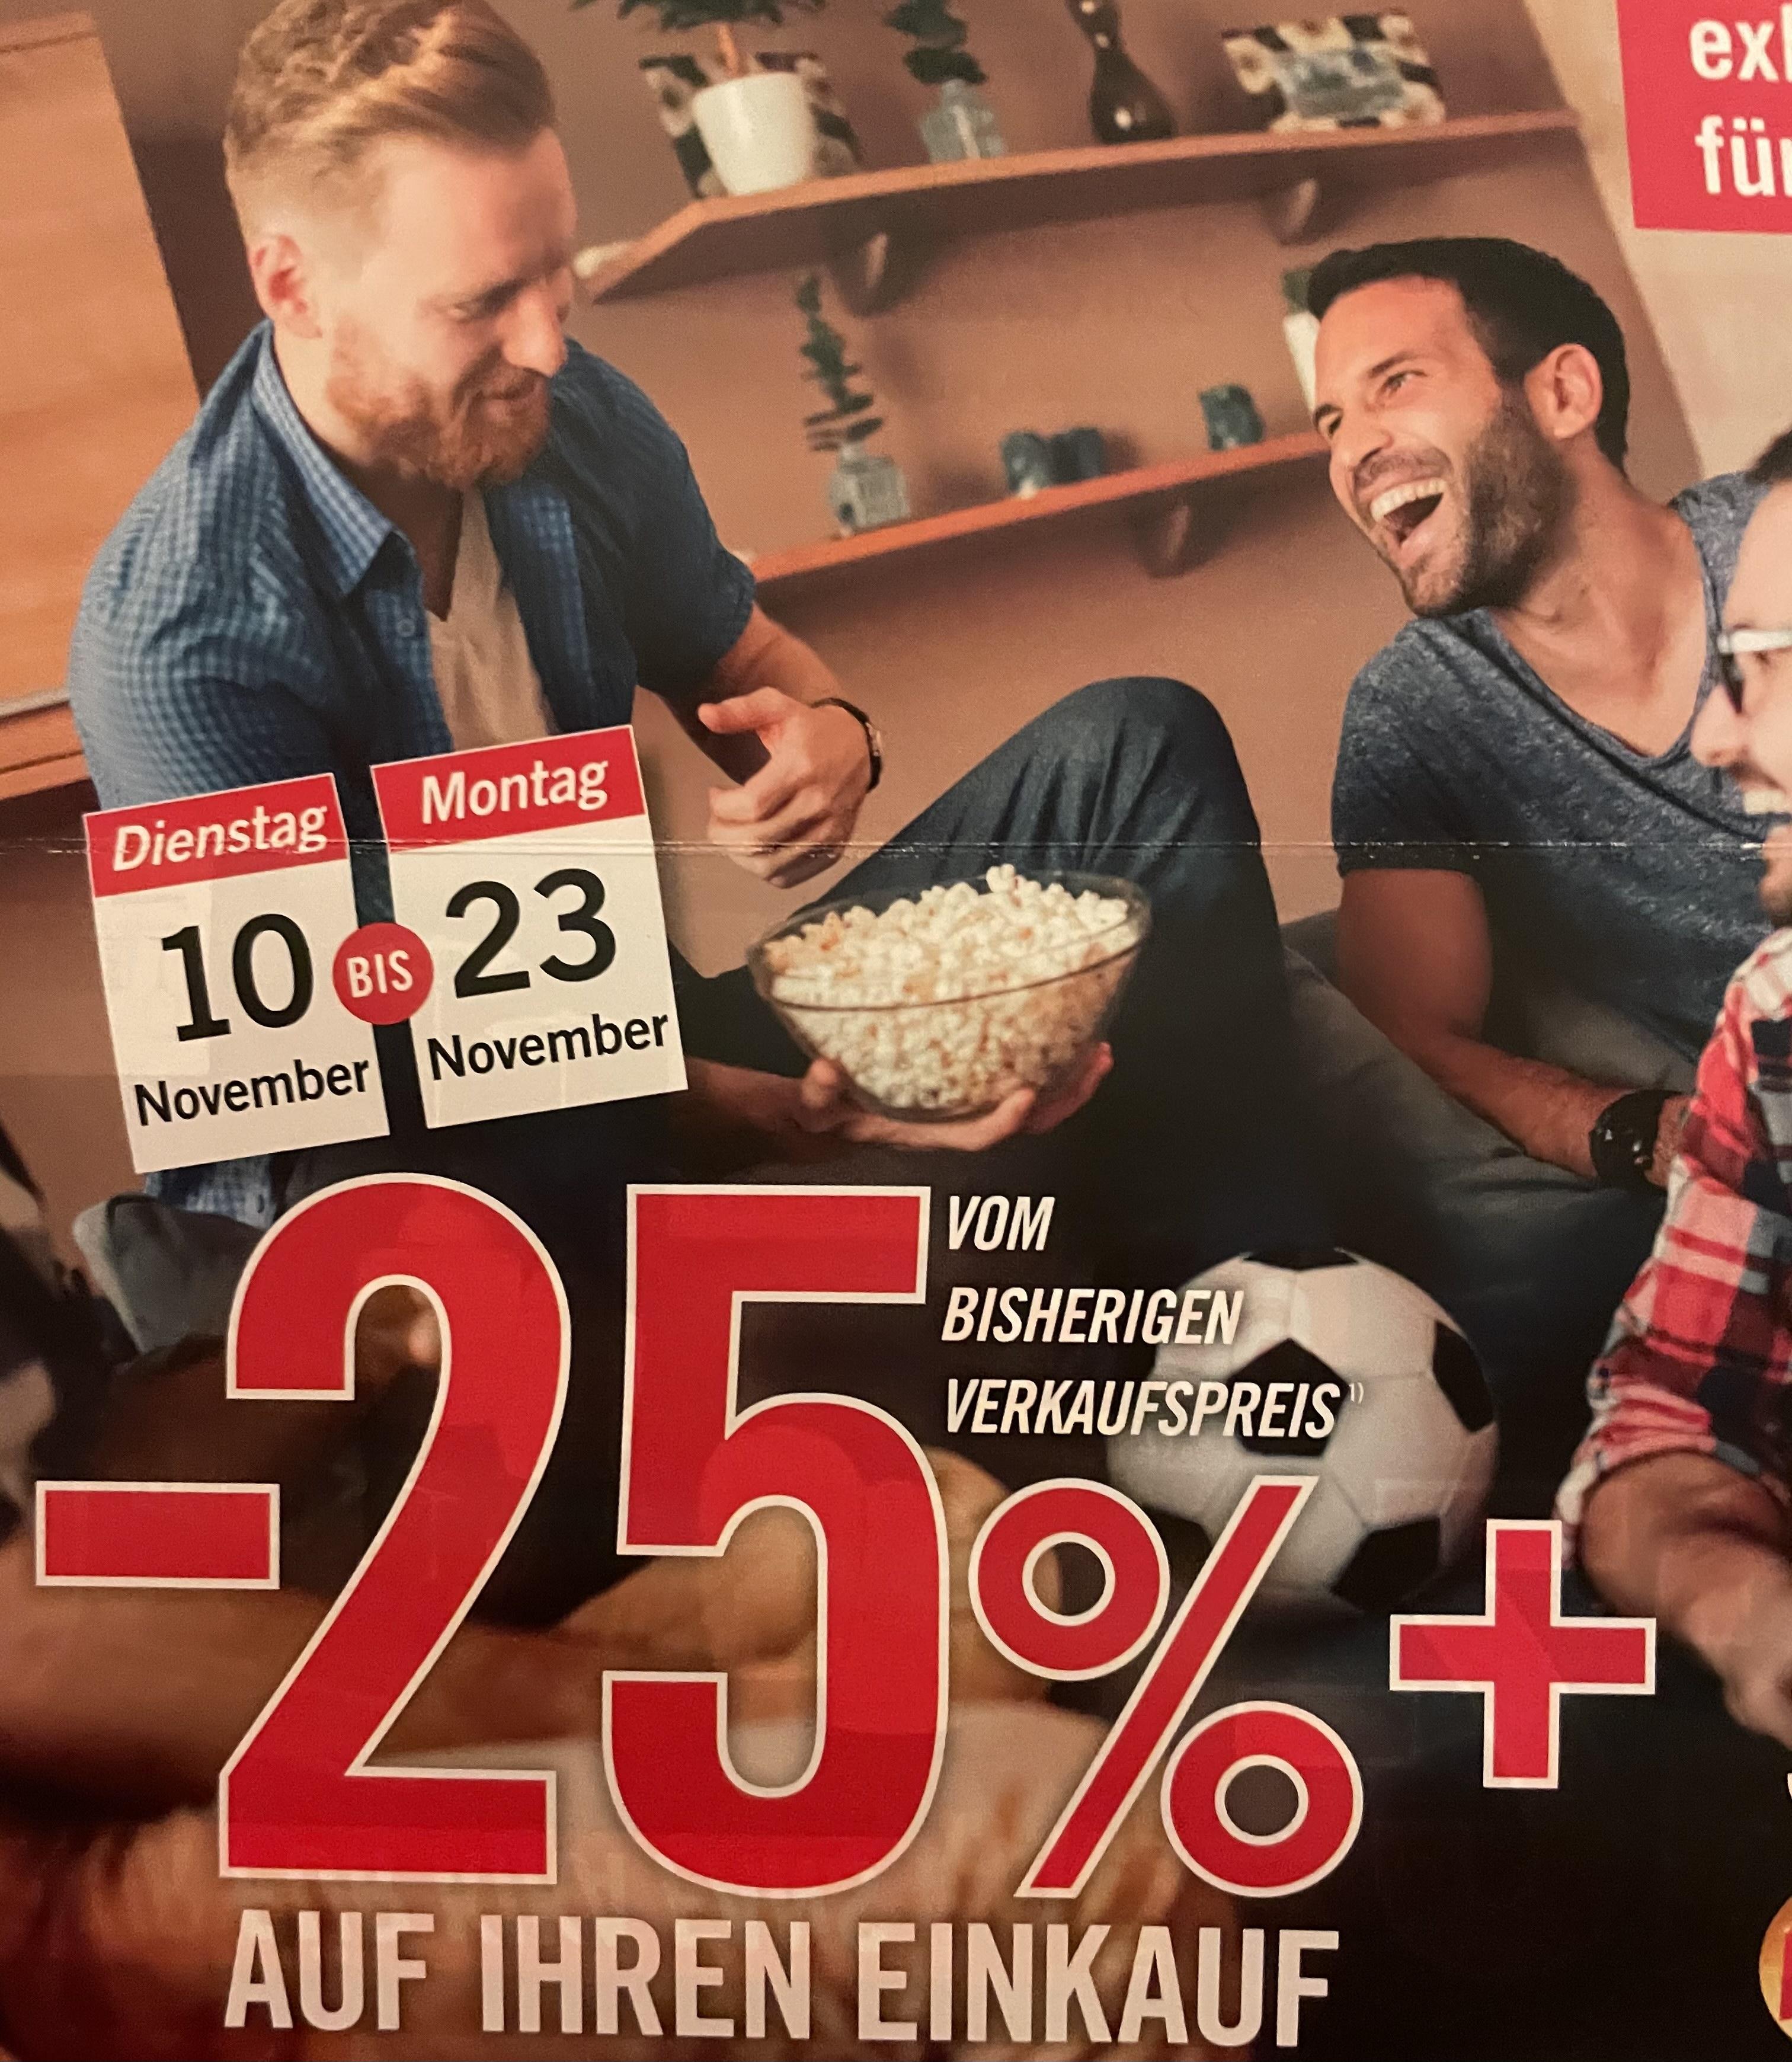 Kika: 25% auf den Einkauf, vom bisherigen Verkaufspreis + 4-Fach Fanpunkte